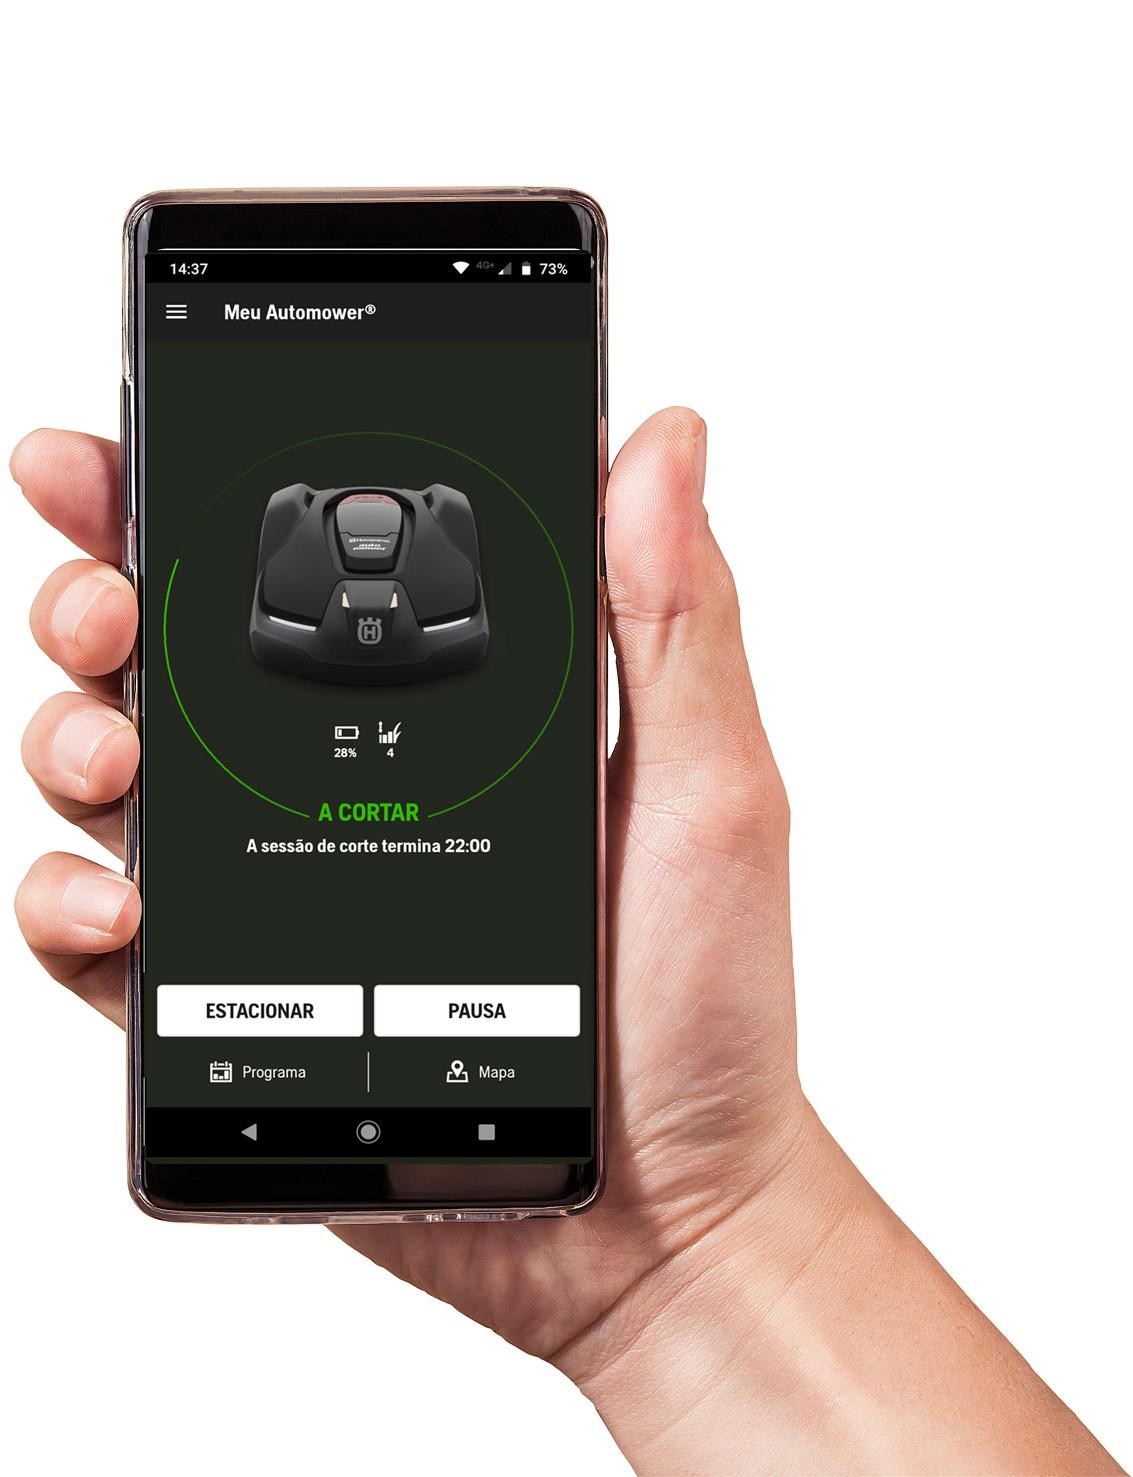 App automower® conectar